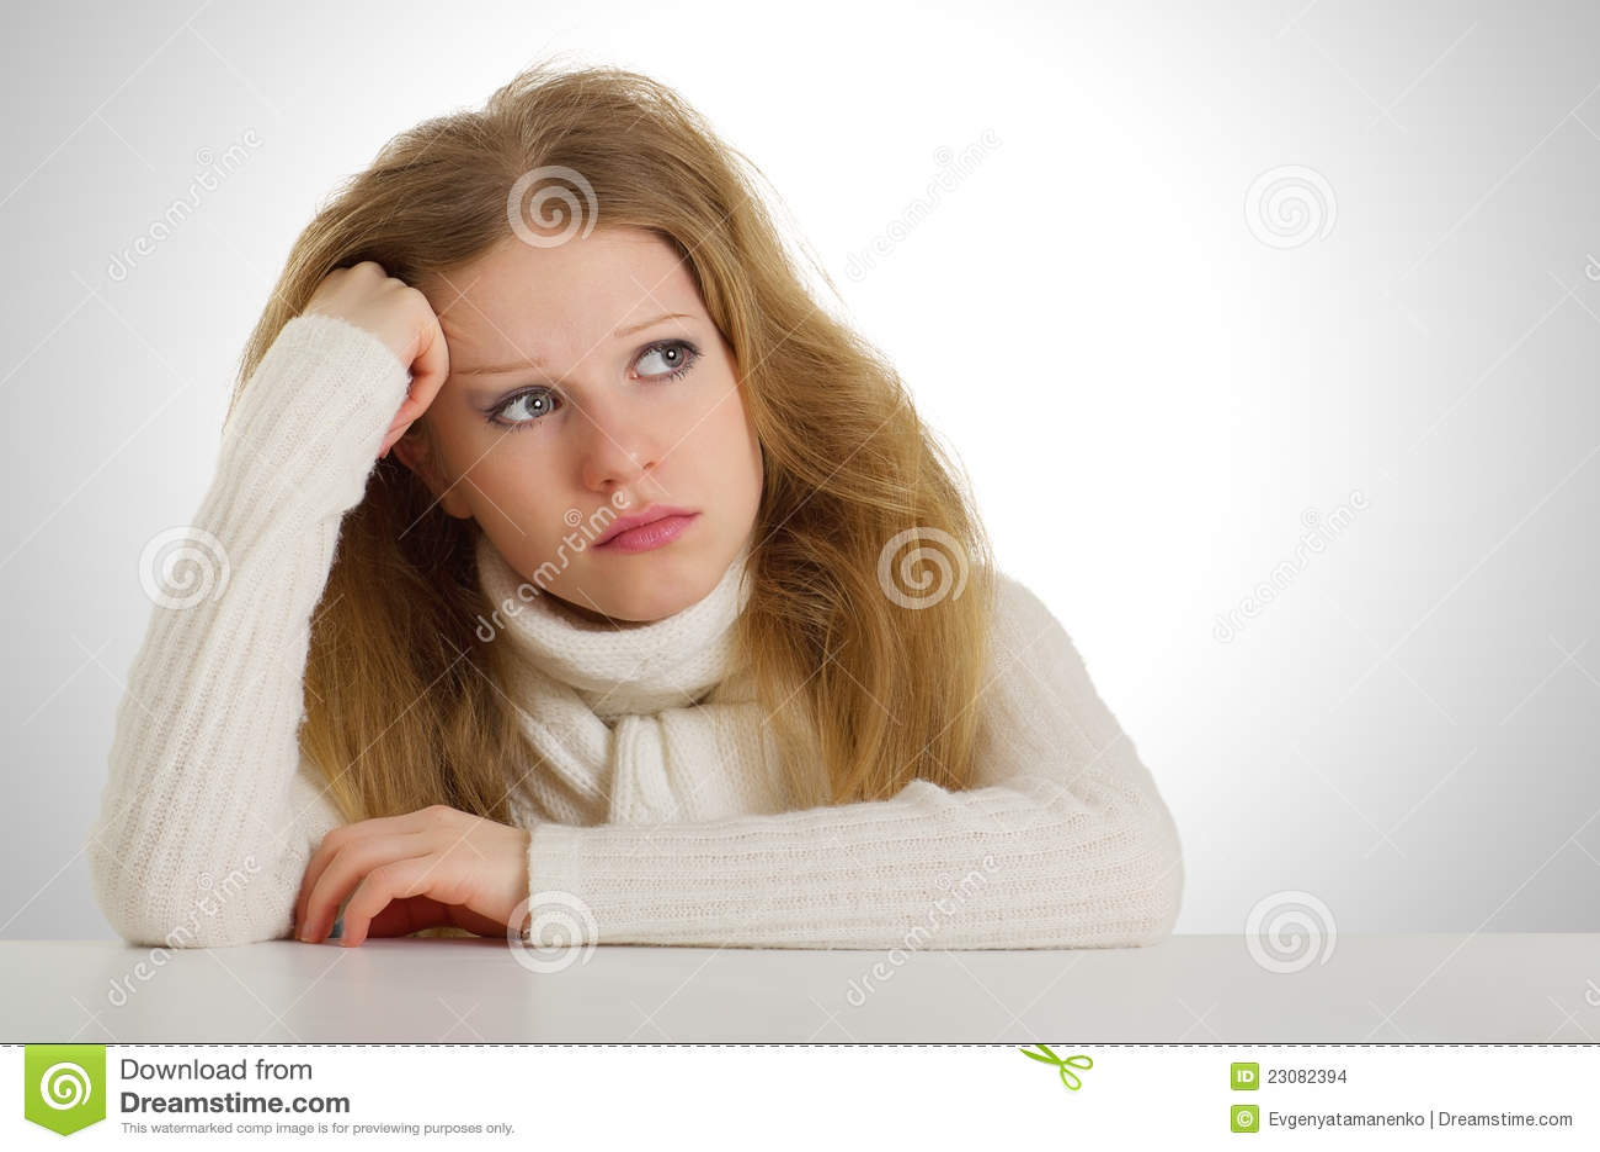 Sad Girl Sitting Stock Images - Image: 23082394